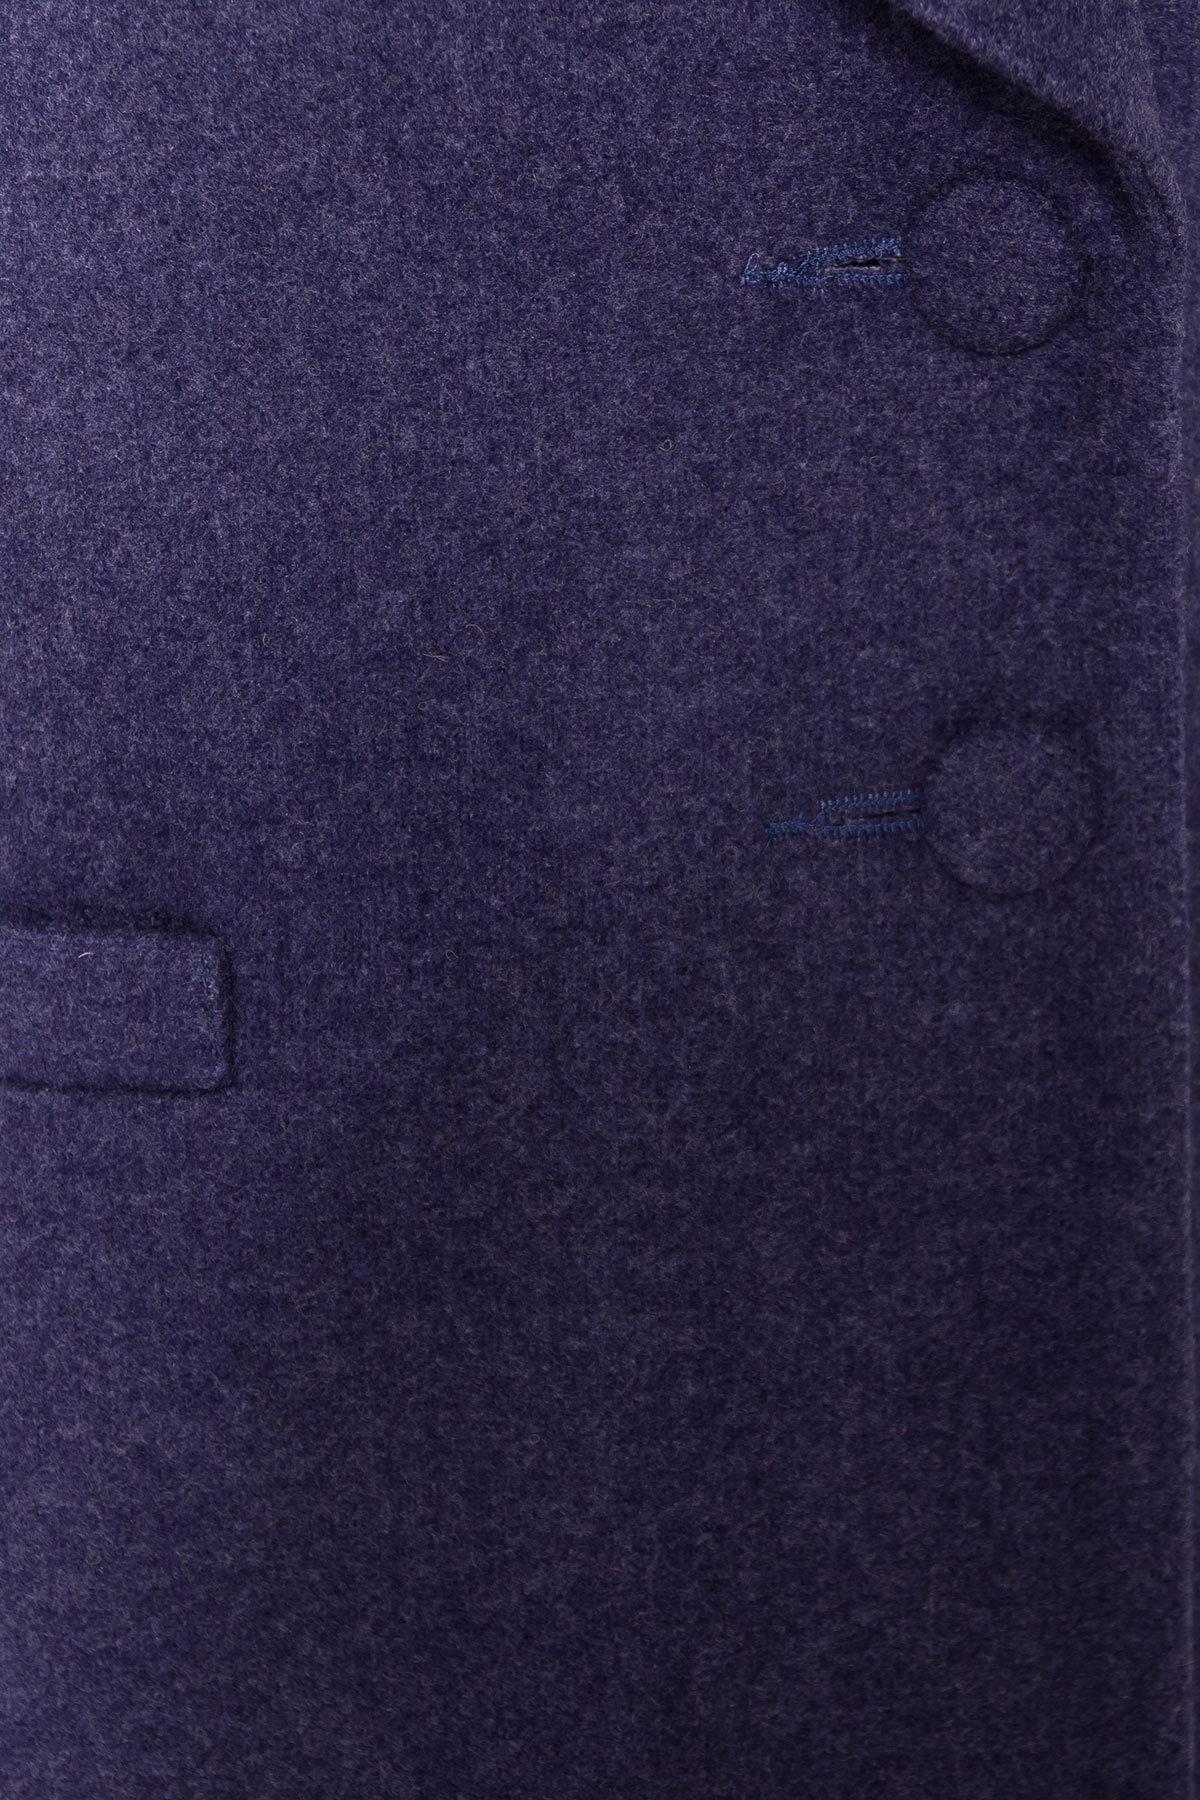 Демисезонное пальто Вива 4558 АРТ. 37263 Цвет: Джинс - фото 5, интернет магазин tm-modus.ru